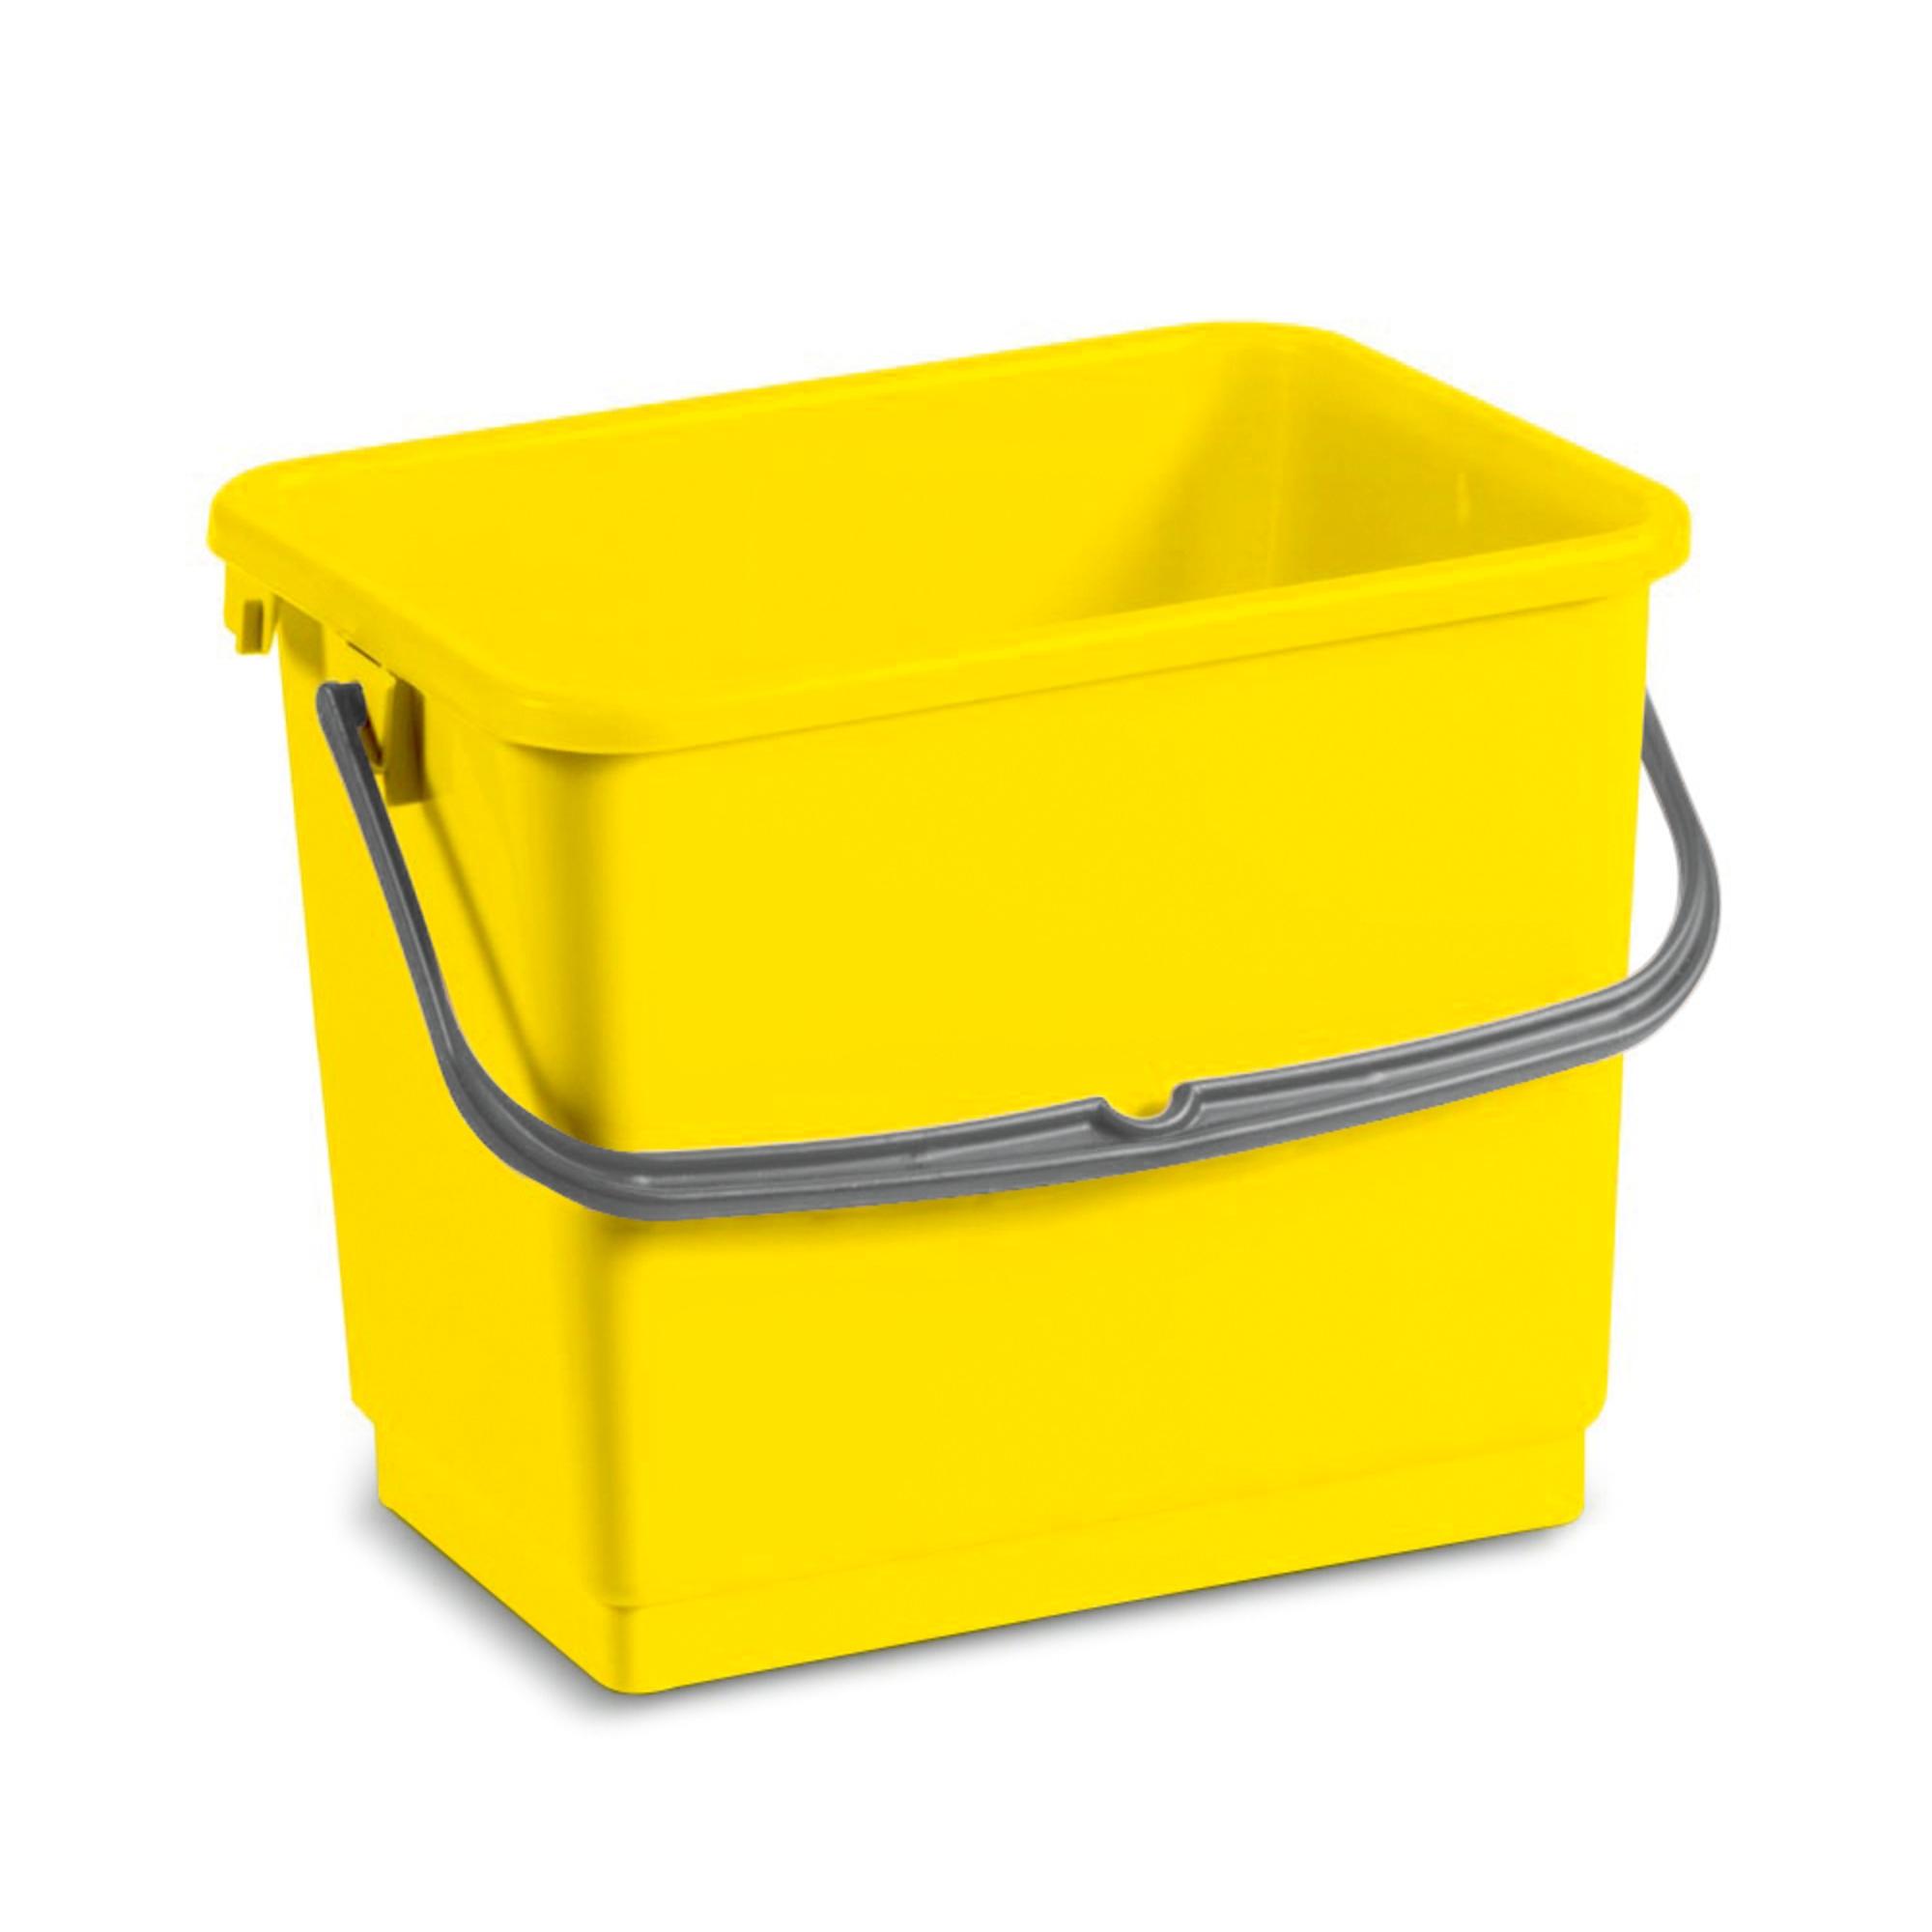 Eimer gelb 4 Liter